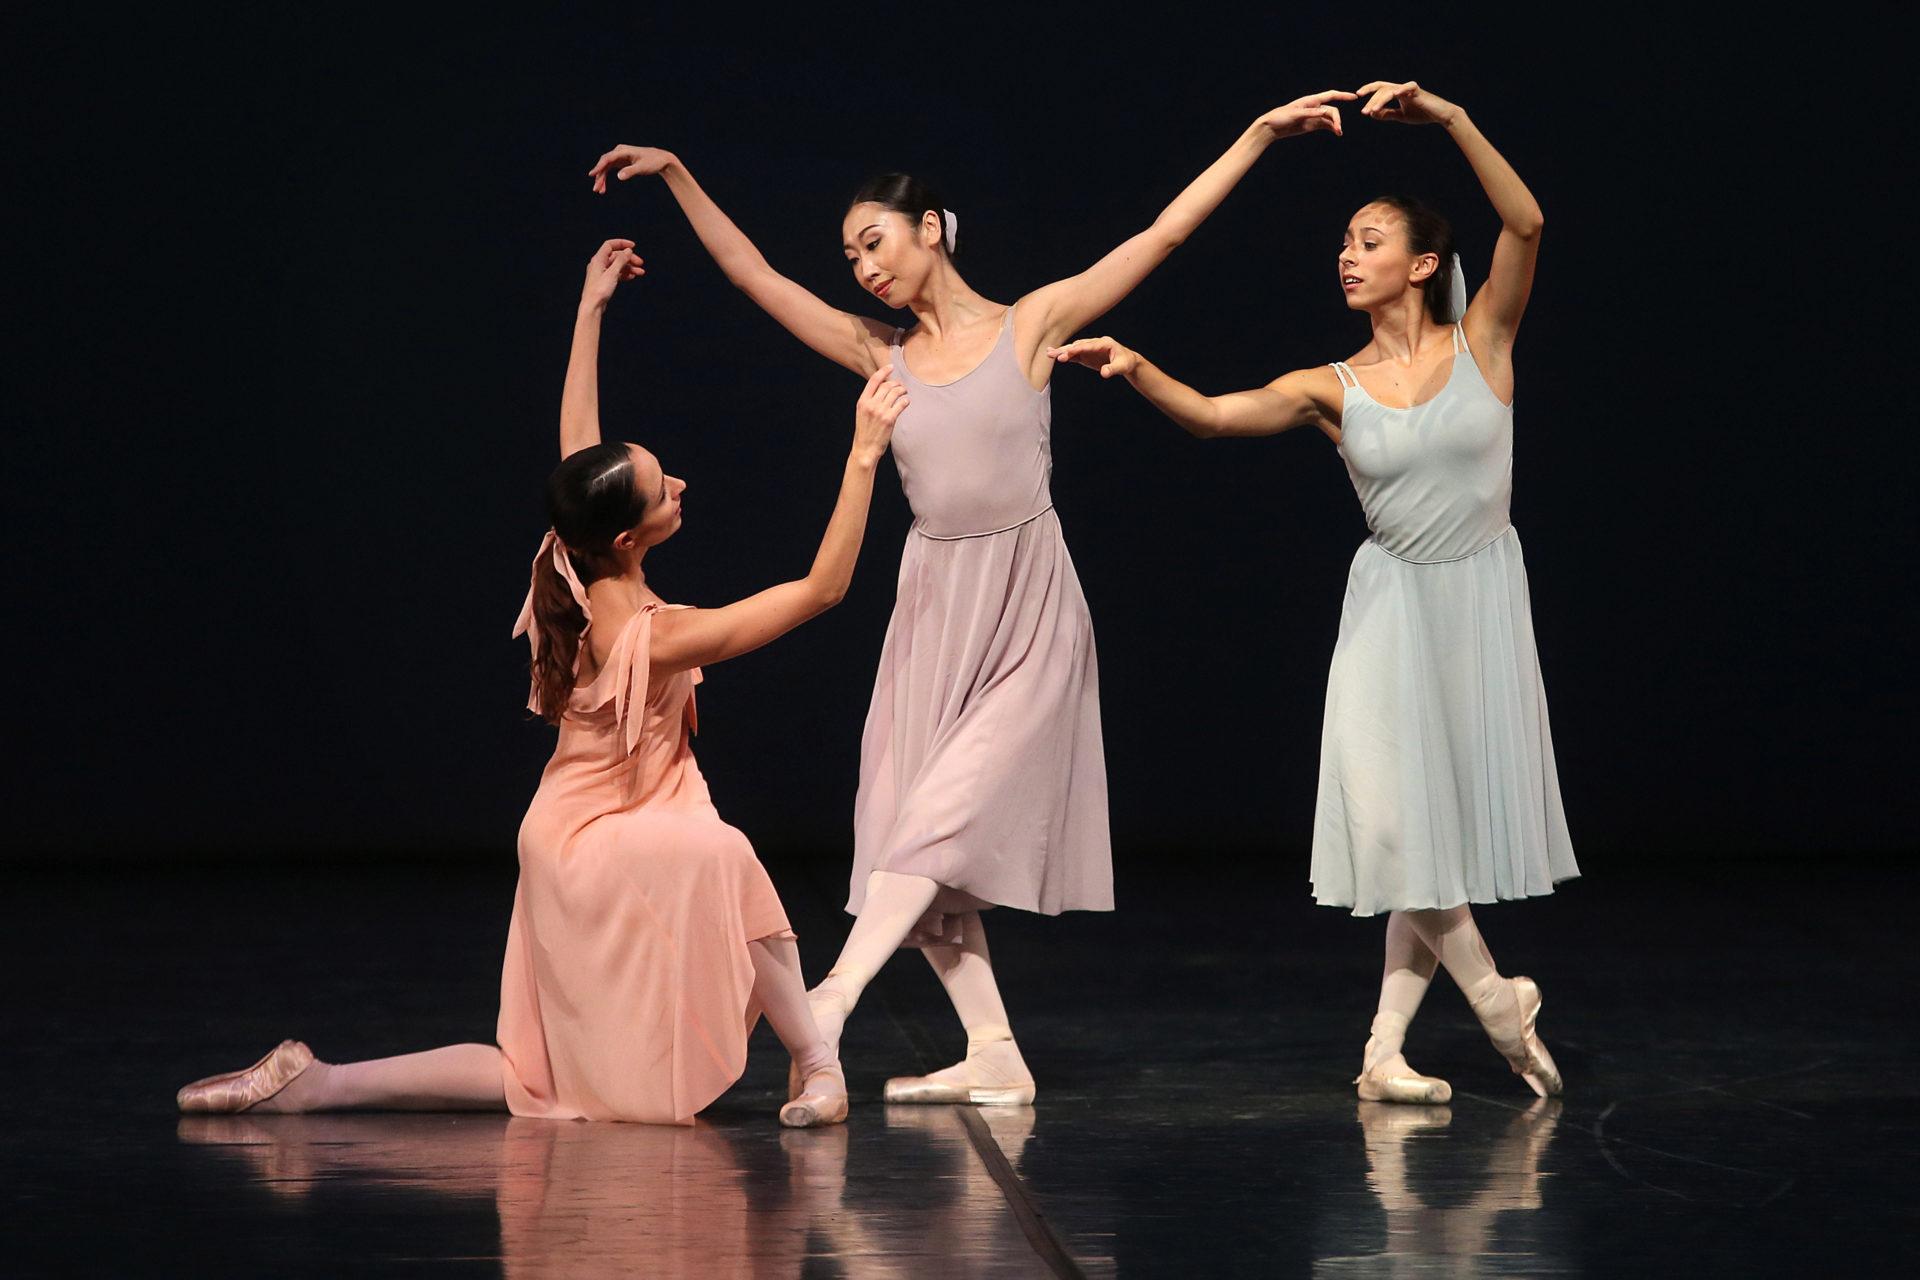 Chopin_Dances_HH_Ballett_Foto_AnjaBeutler.de_142